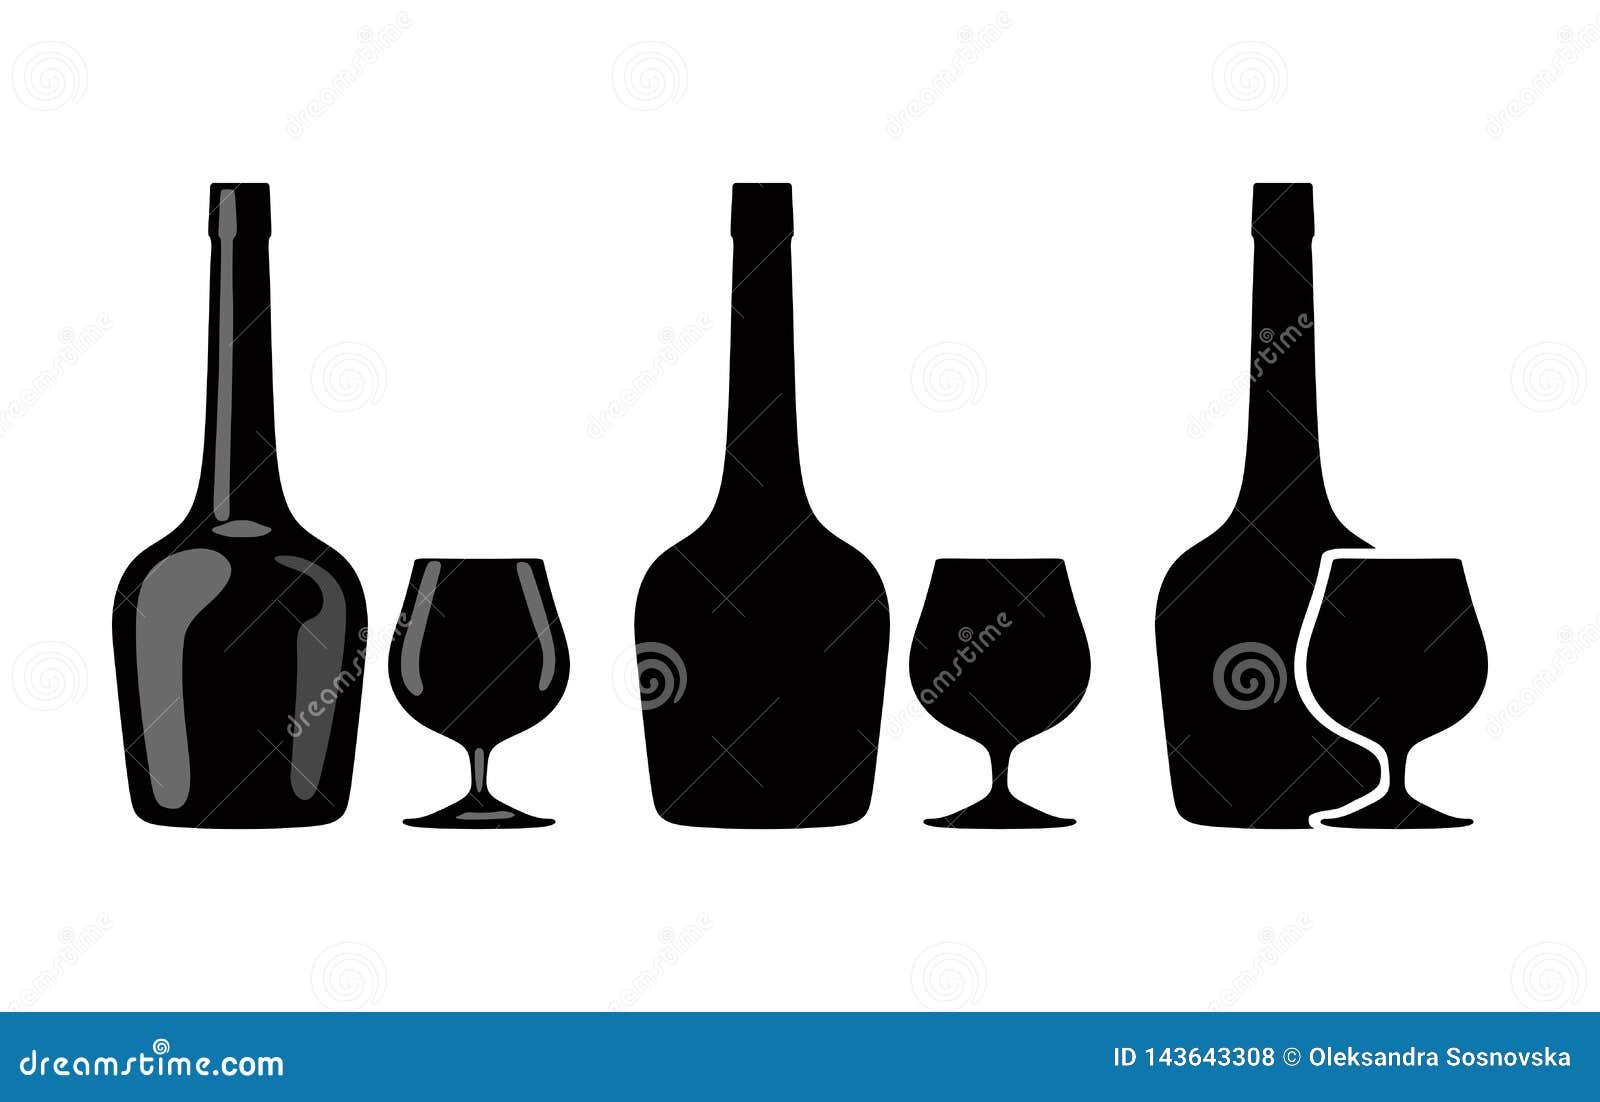 Sylwetka butelka koniak i szkło brandy wektor